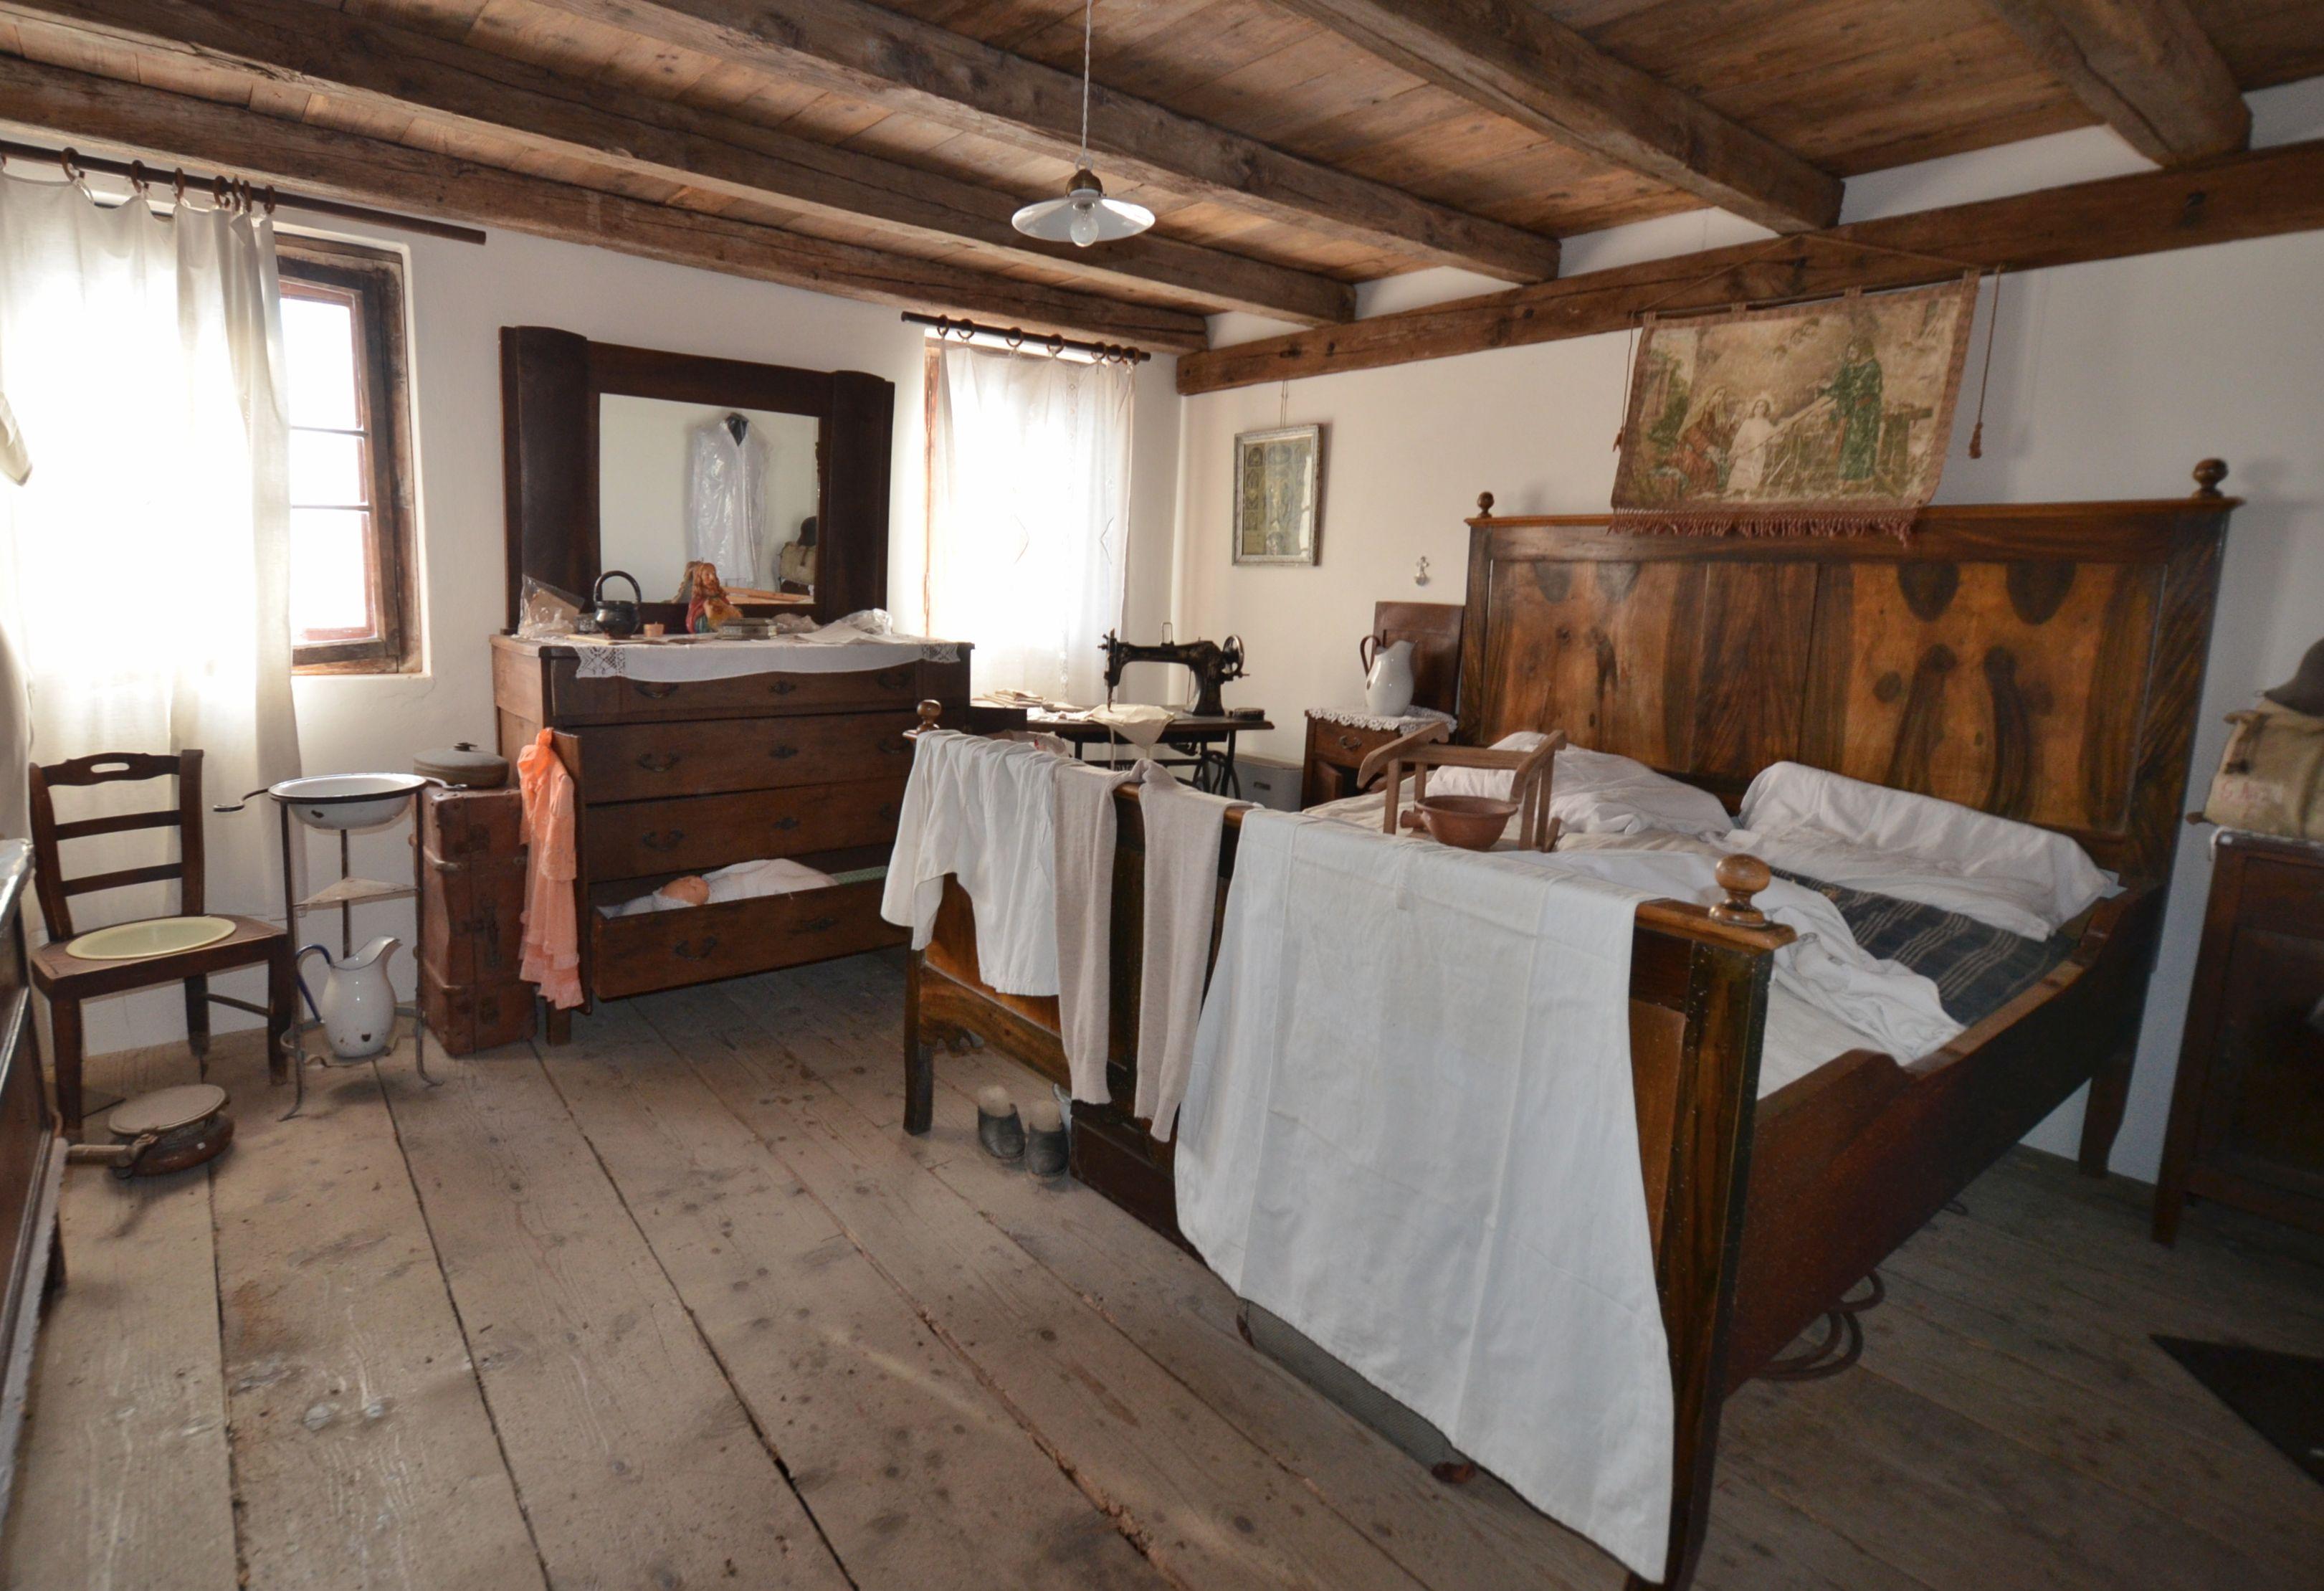 Museo palazzon la casa di una volta lusiana notizie for Immagini di una casa